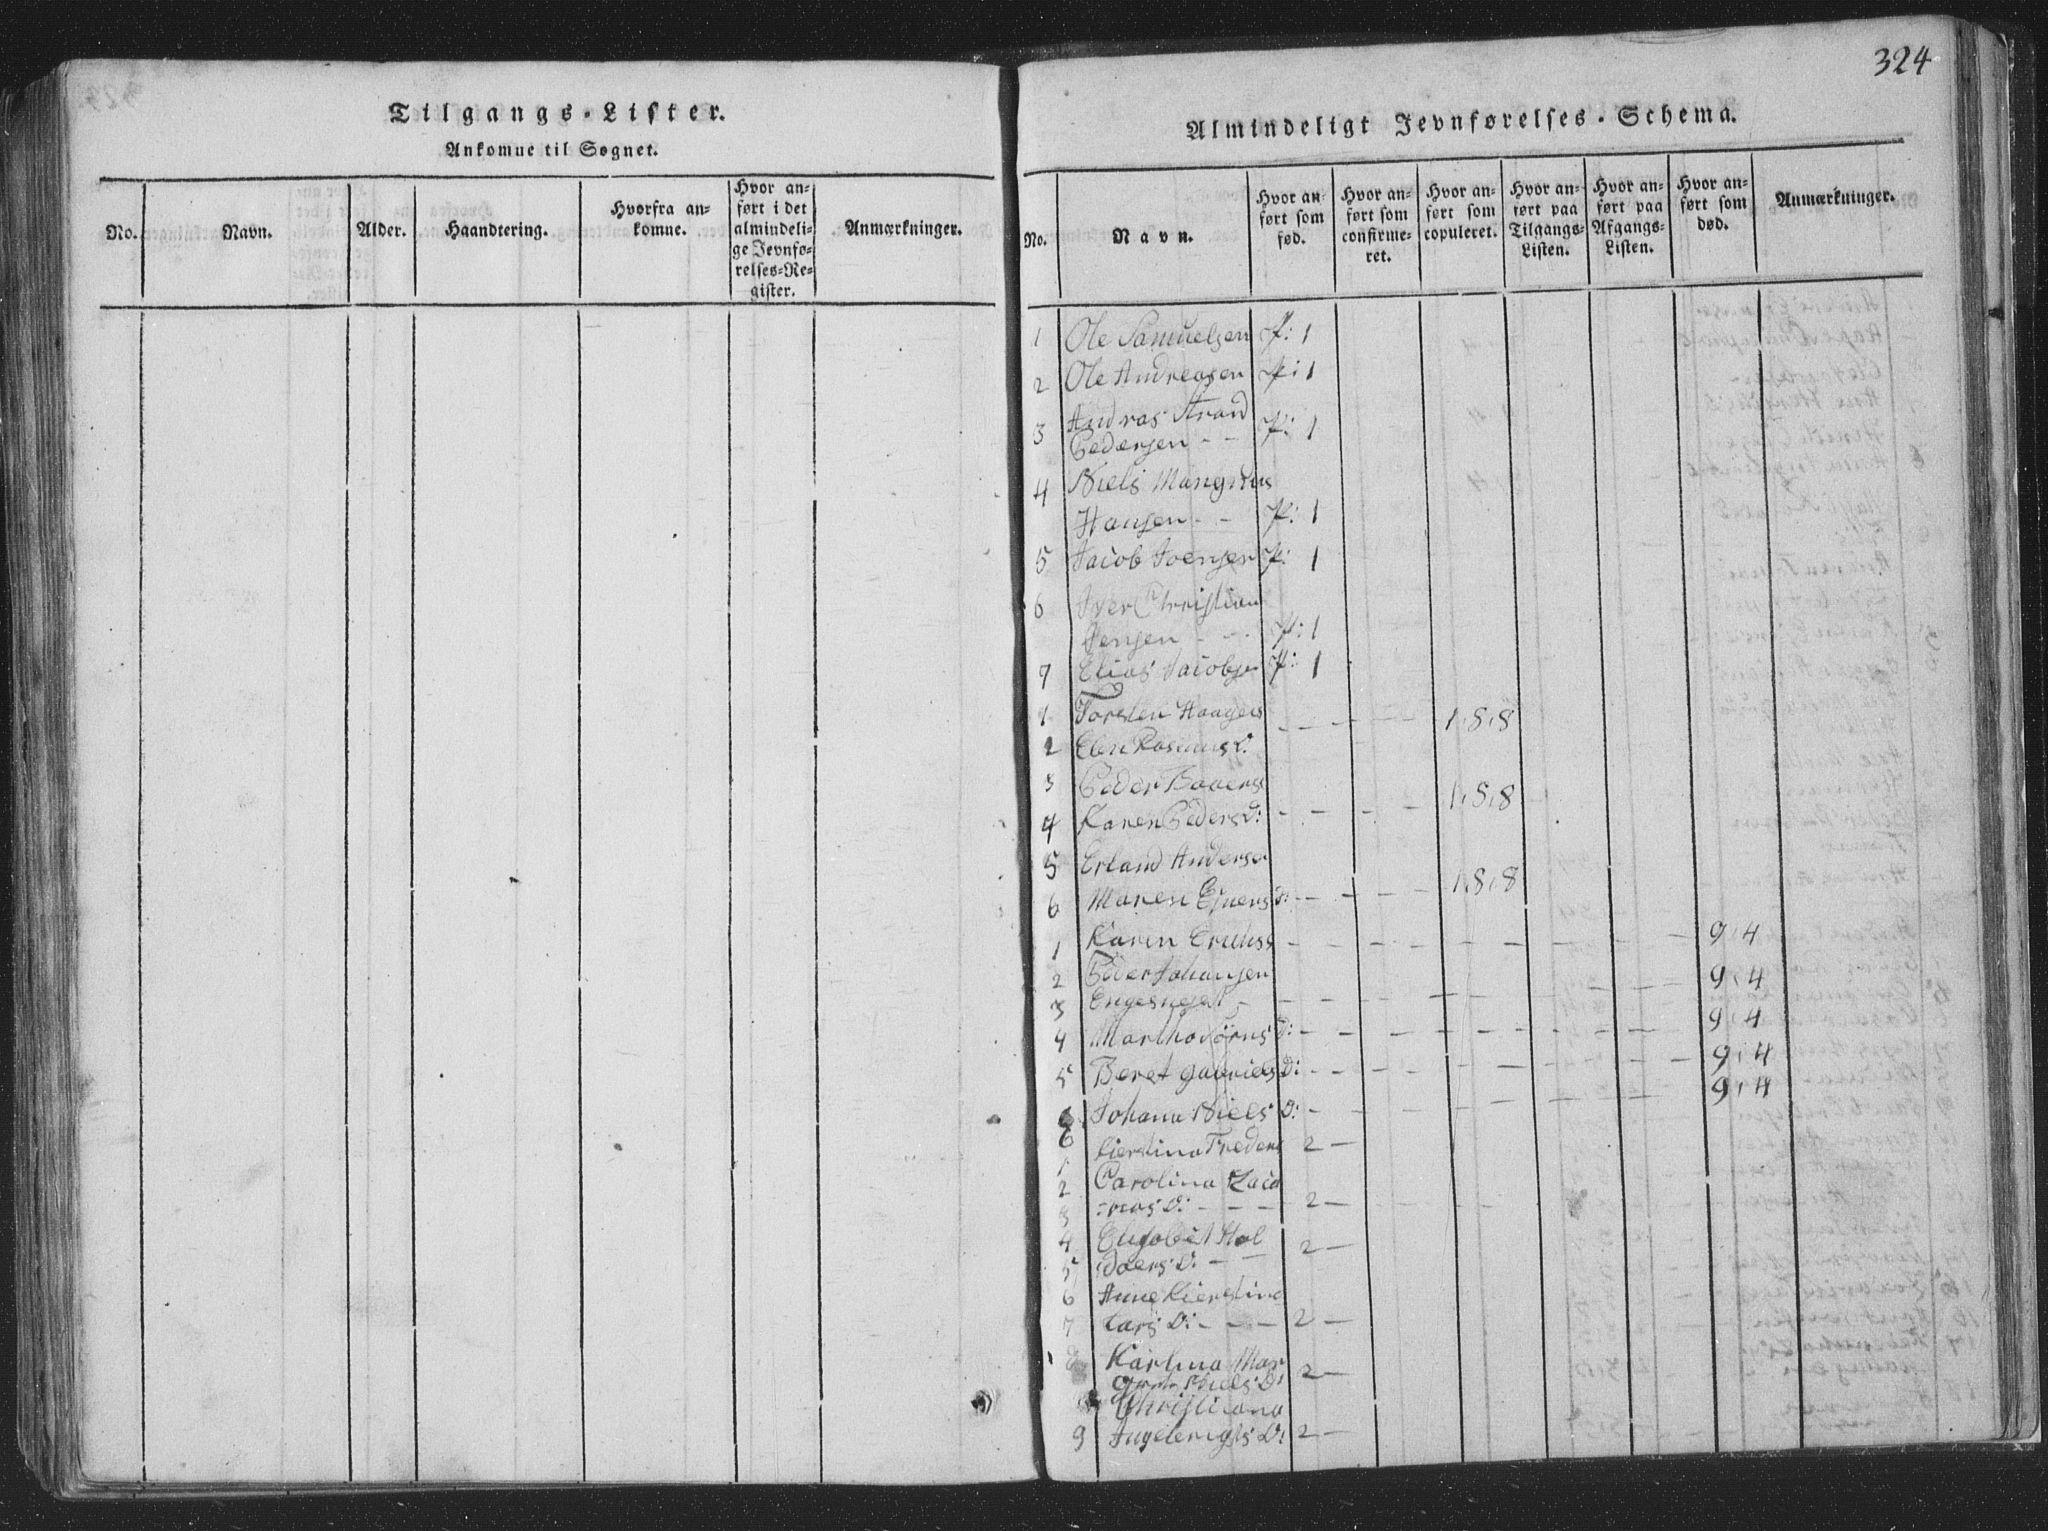 SAT, Ministerialprotokoller, klokkerbøker og fødselsregistre - Nord-Trøndelag, 773/L0613: Ministerialbok nr. 773A04, 1815-1845, s. 324